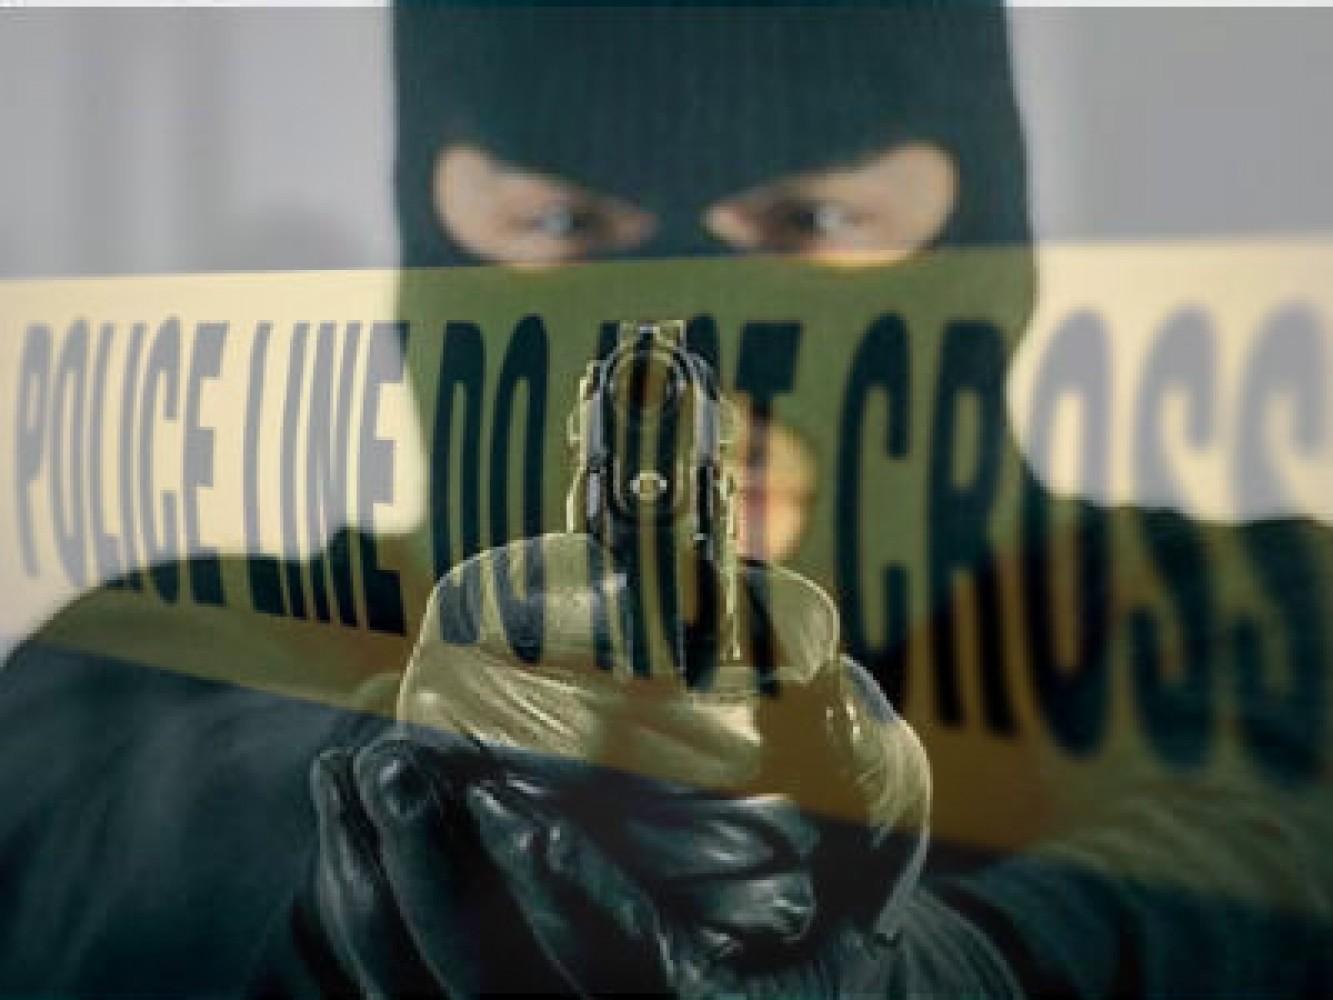 სოფელ ფერსათში ოჯახი დააყაჩაღეს – დაშავებულია 2 ადამიანი